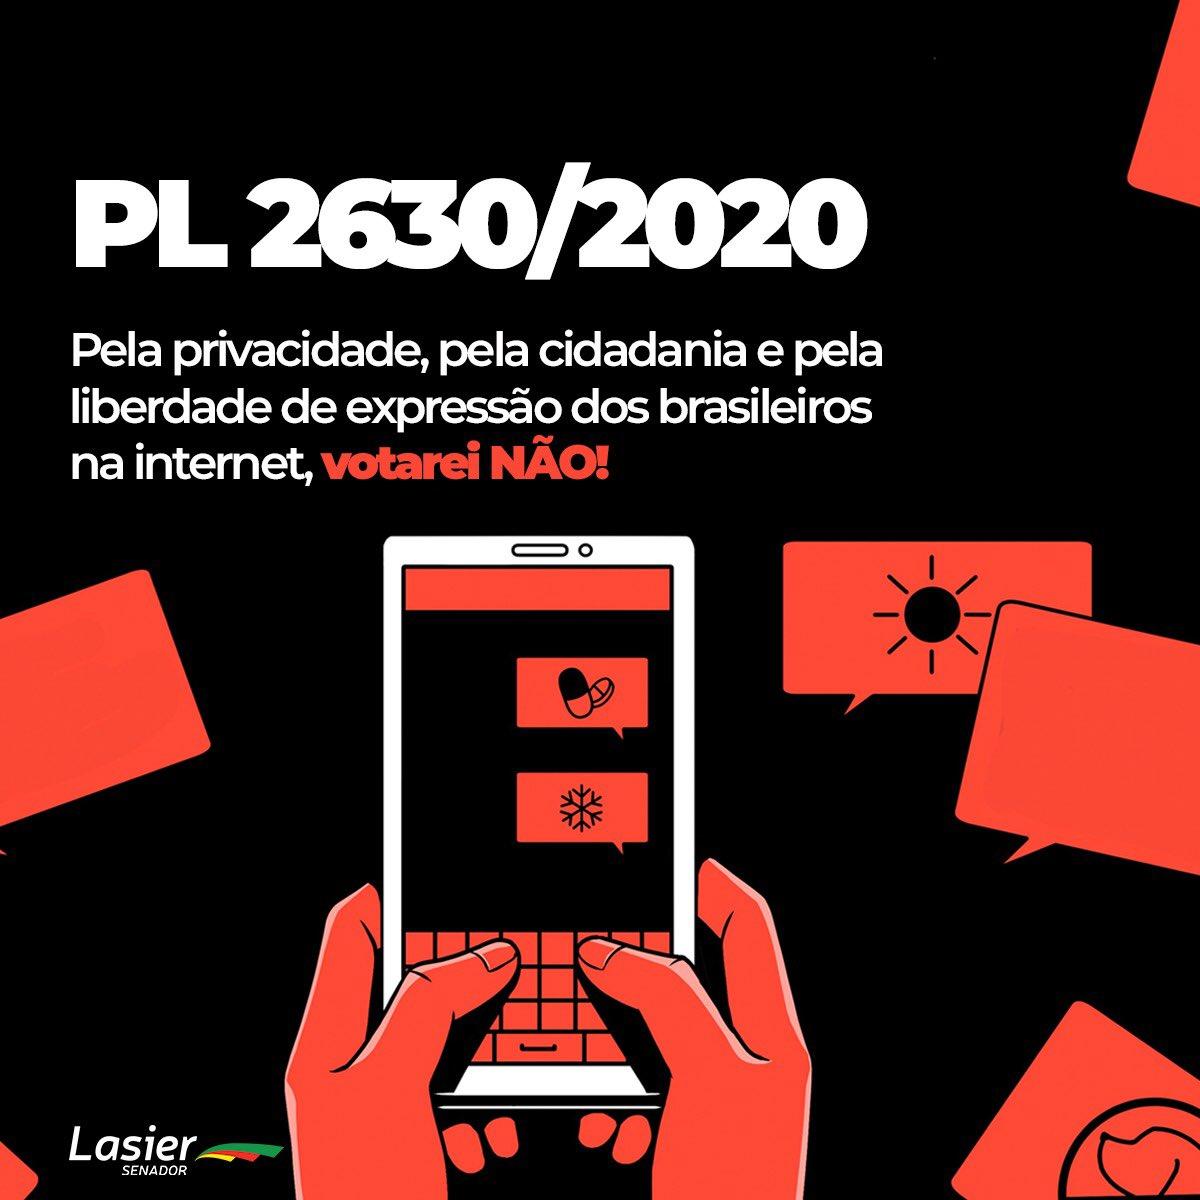 Está na pauta do plenário do Senado desta tarde o PL 2630/2020. Sem ter sido bem discutido, o texto interfere na rotina e os direitos de 170 milhões de brasileiros que usam a internet diariamente. A sociedade precisa ser ouvida. Se continuar pautado, votarei NÃO.